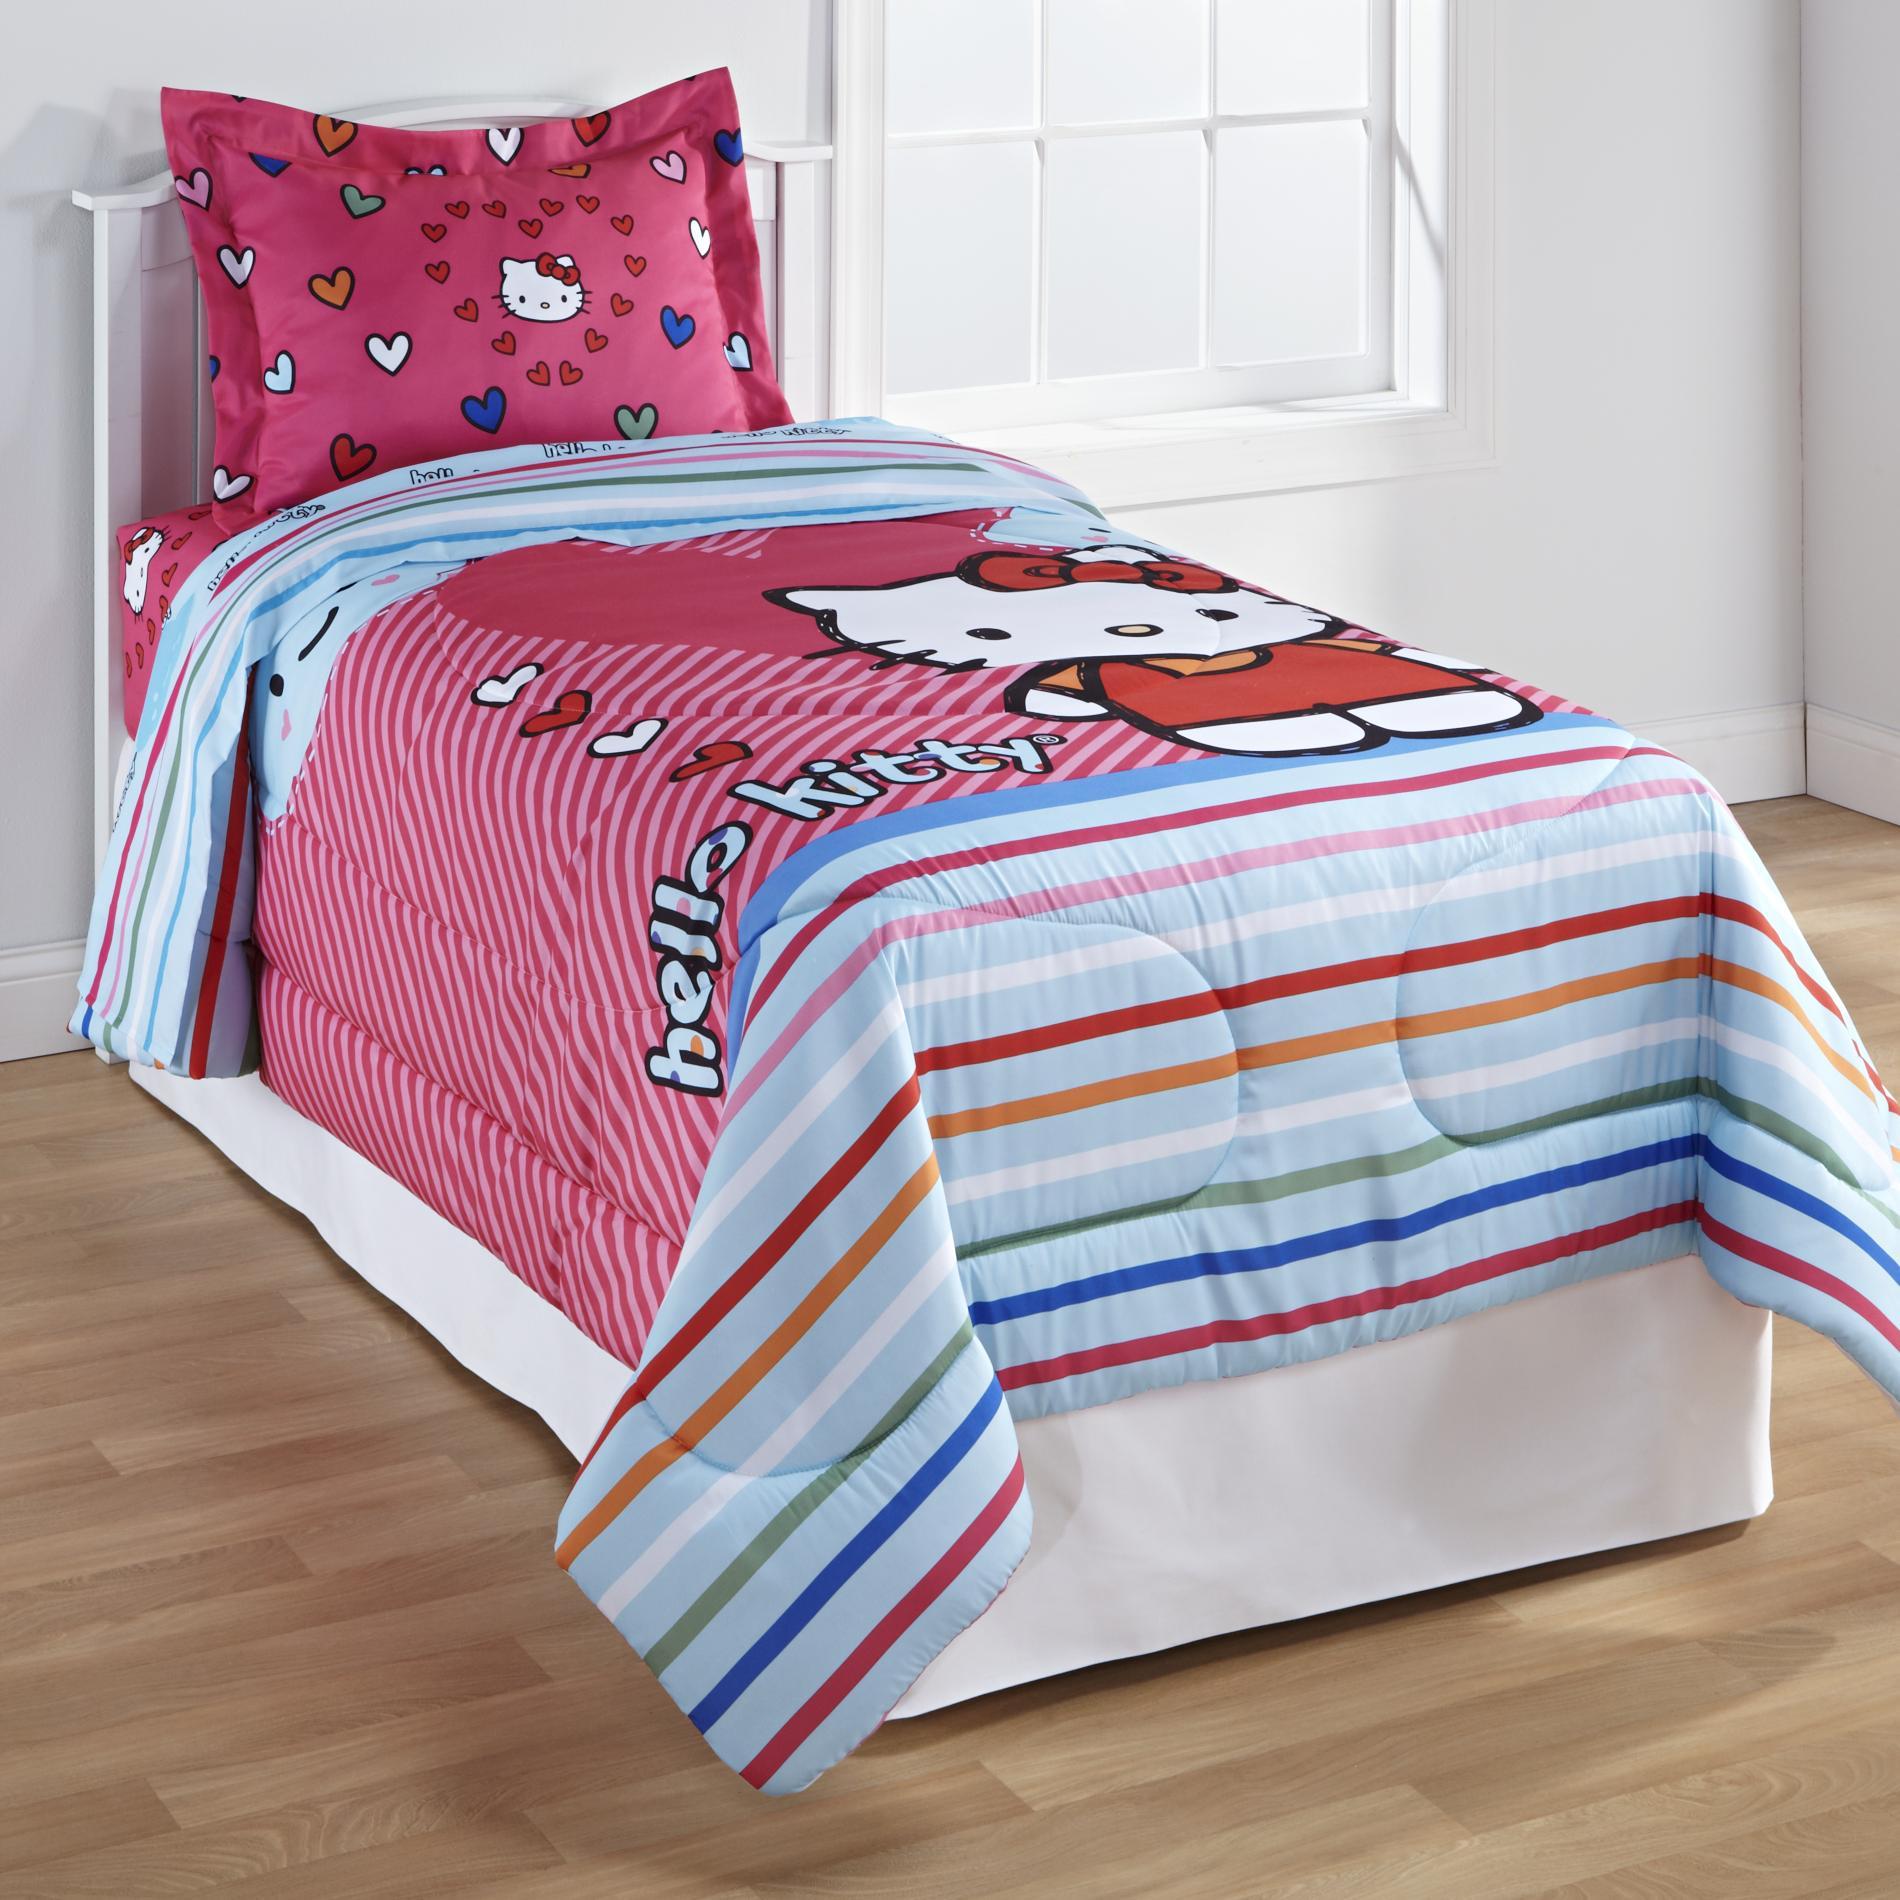 Kitty Twin Full Comforter - Free Time